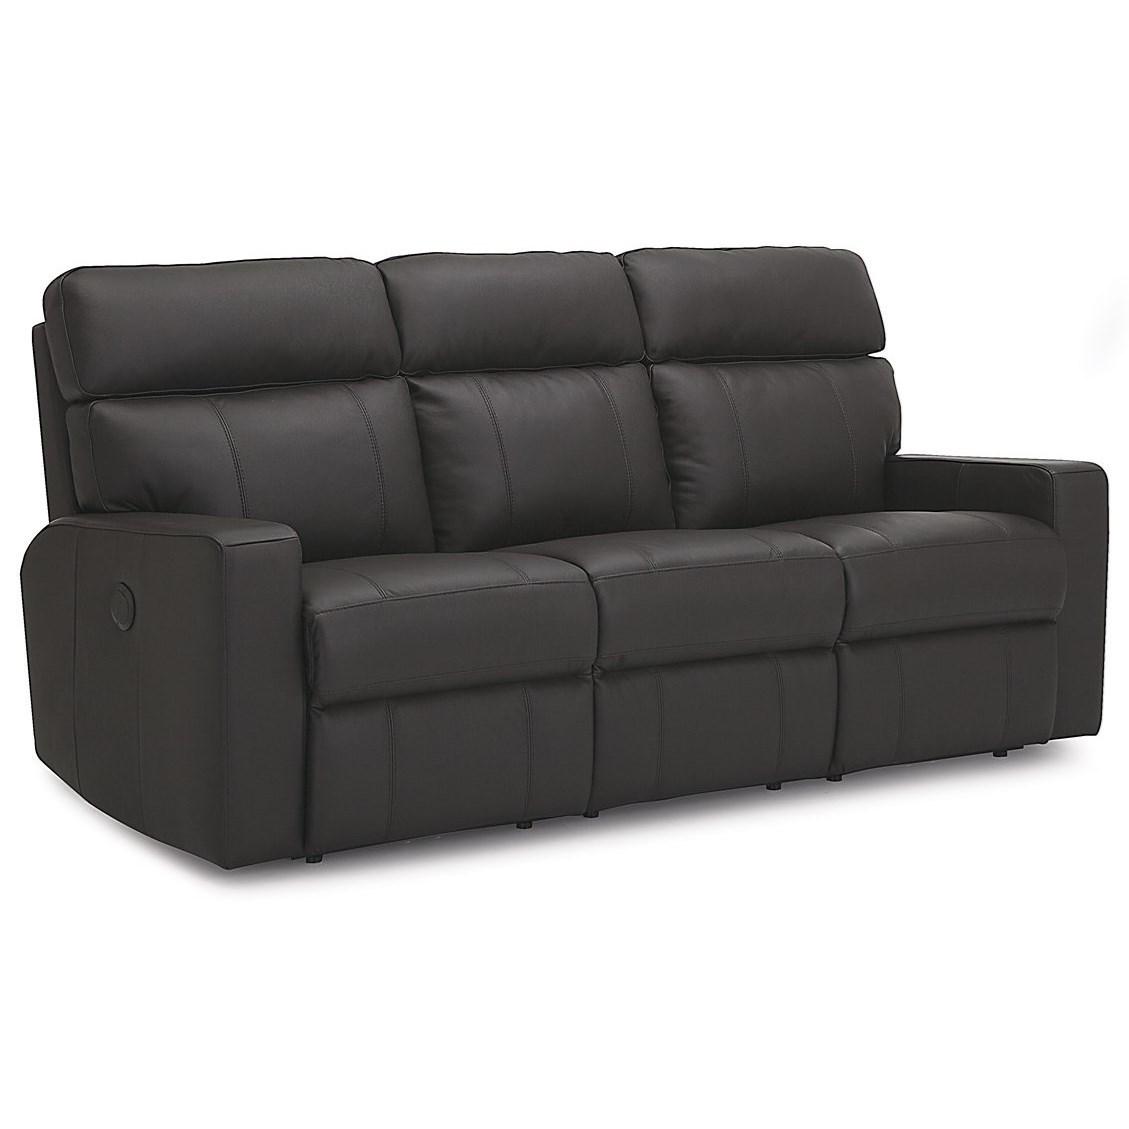 palliser oakwood 41049 61 apartment size power reclining sofa rh furnitureappliancemart com